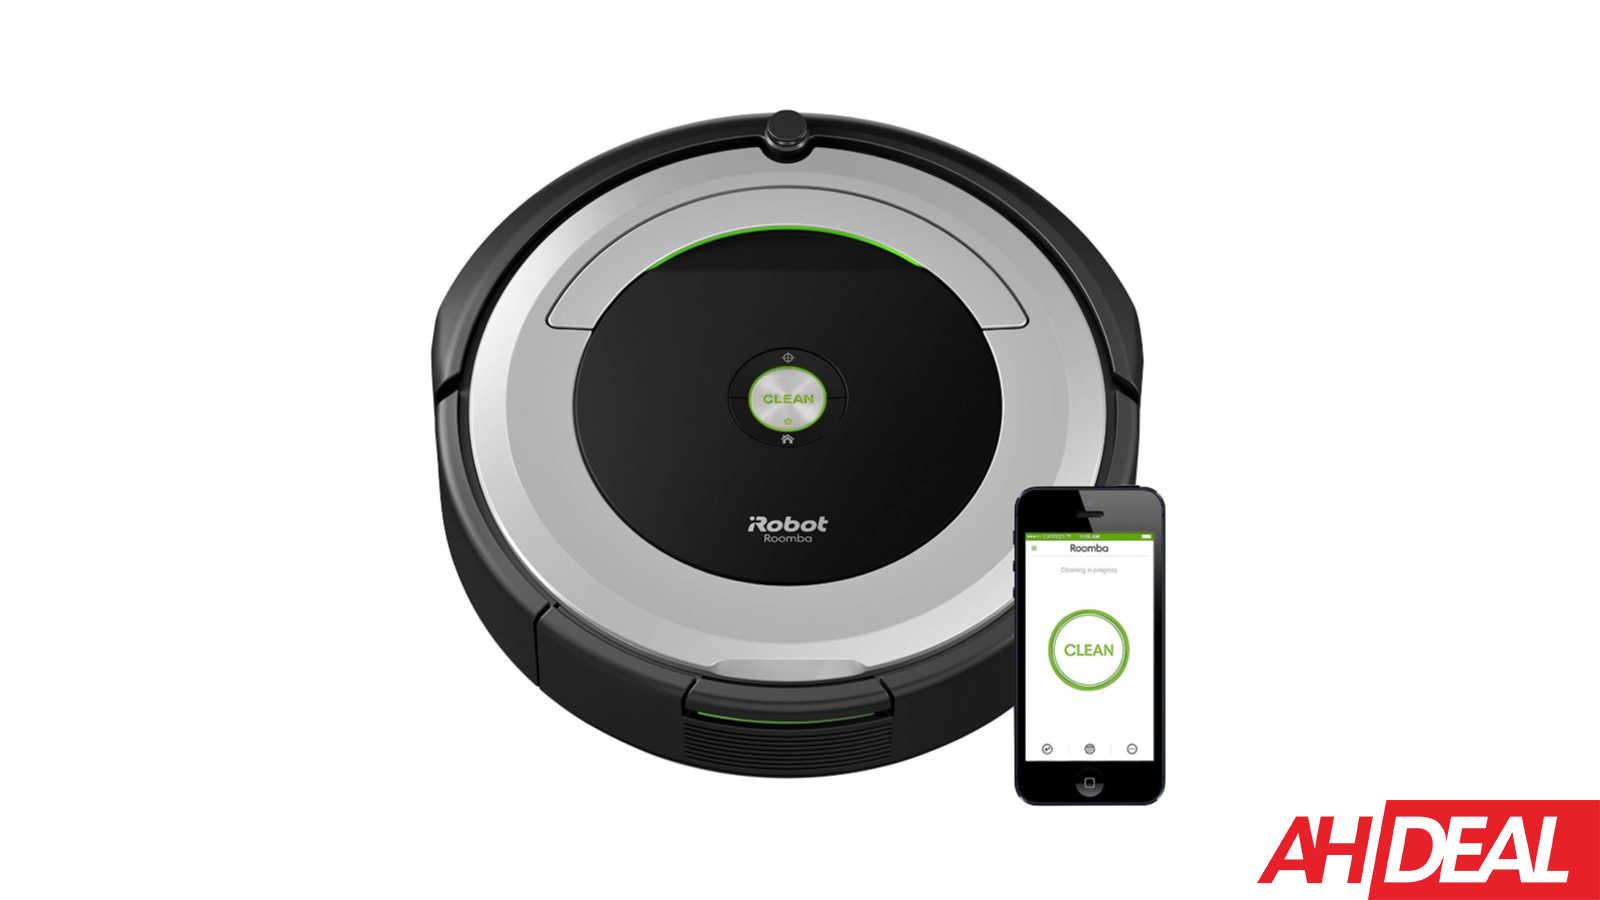 Get iRobot's Alexa-Enabled Roomba 690 For $248 – Amazon Deals